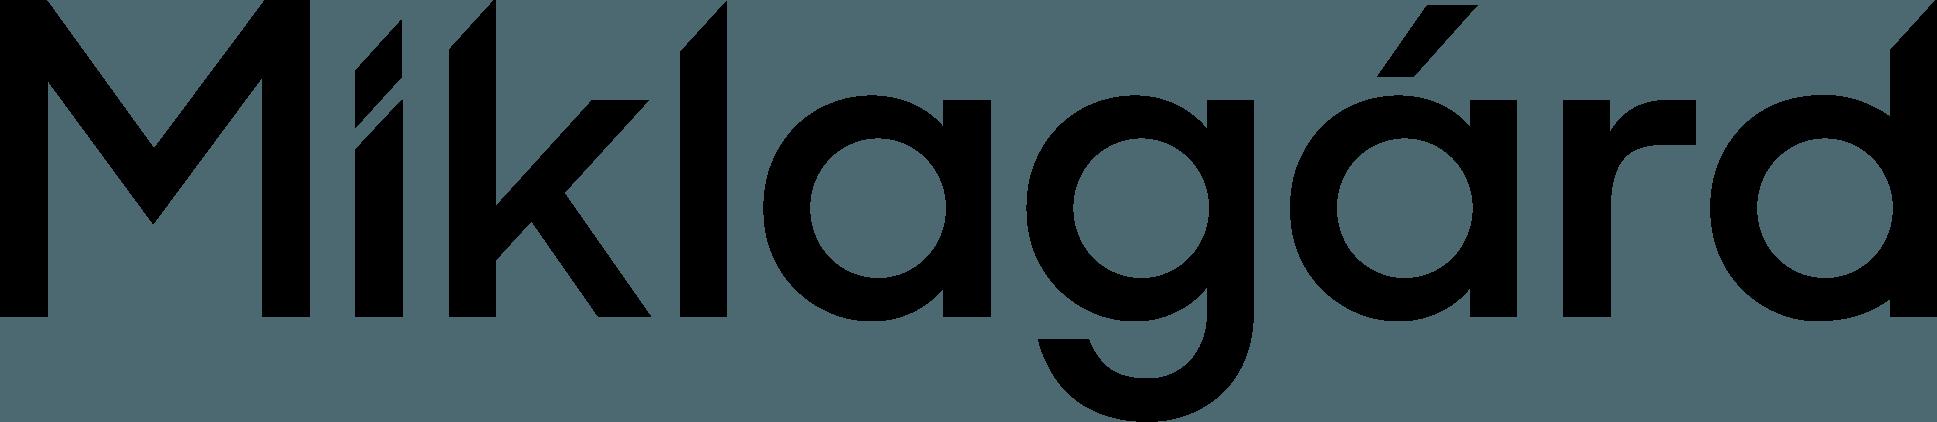 MG-Logo-Black.png